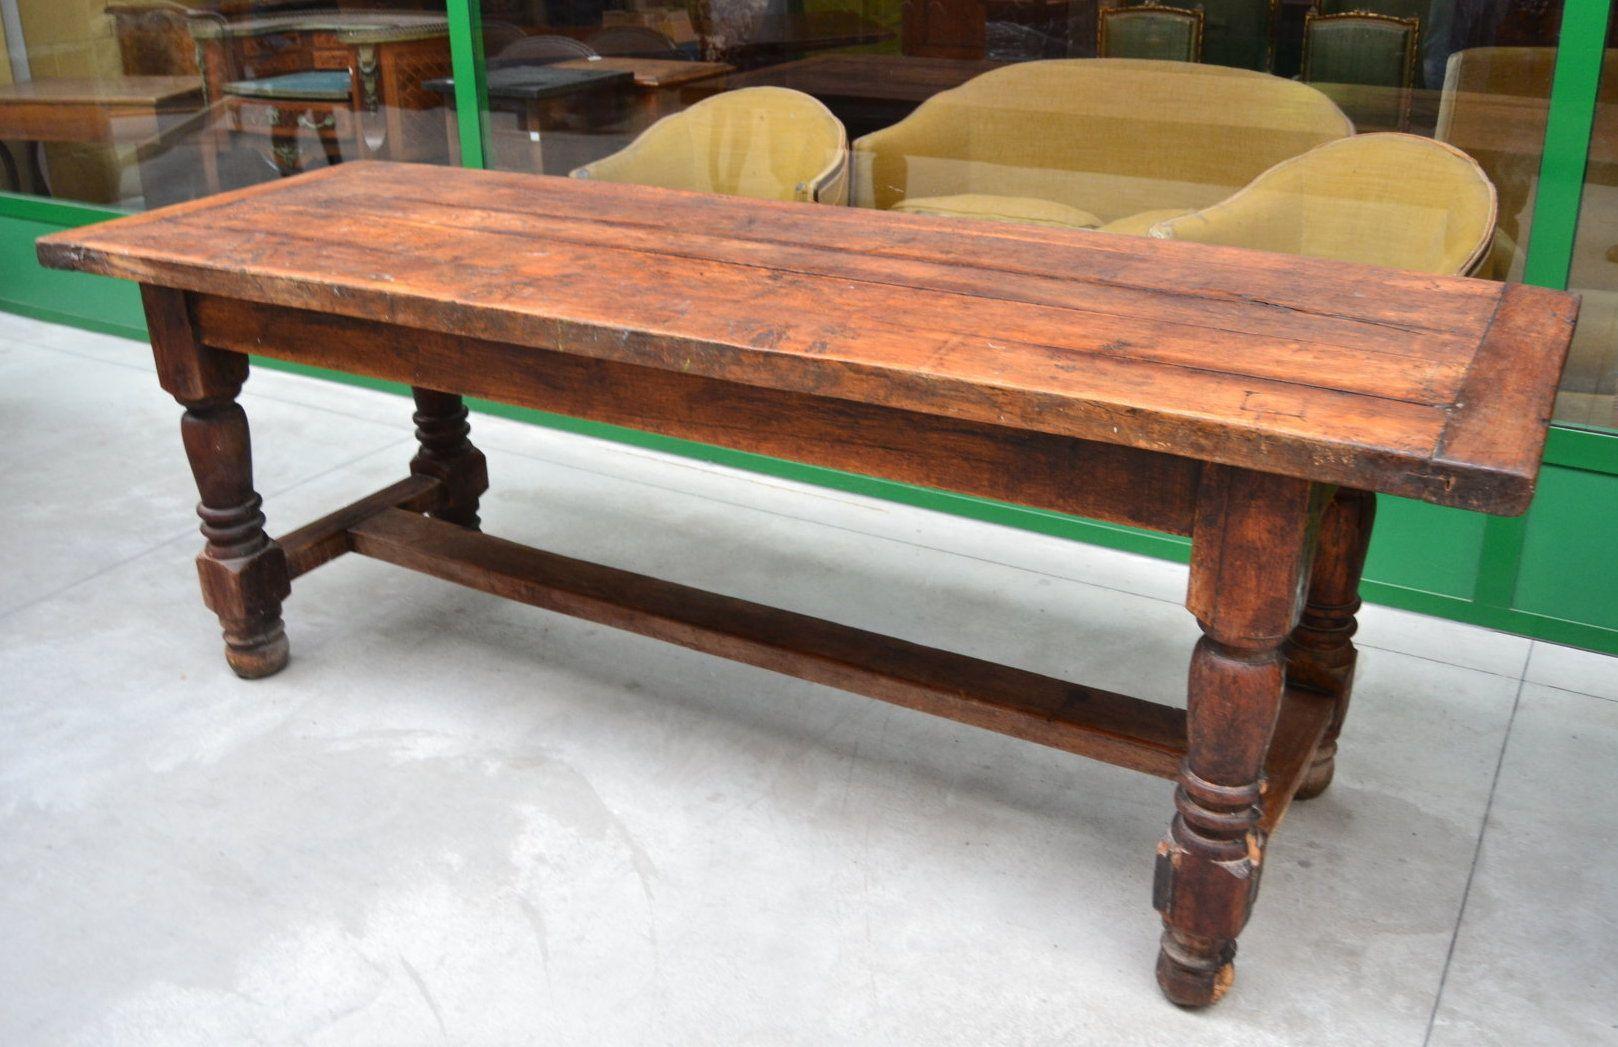 Tavolo Fratino ~ Grande tavolo rustico provenzale metà 800 con traversa bassa tipo